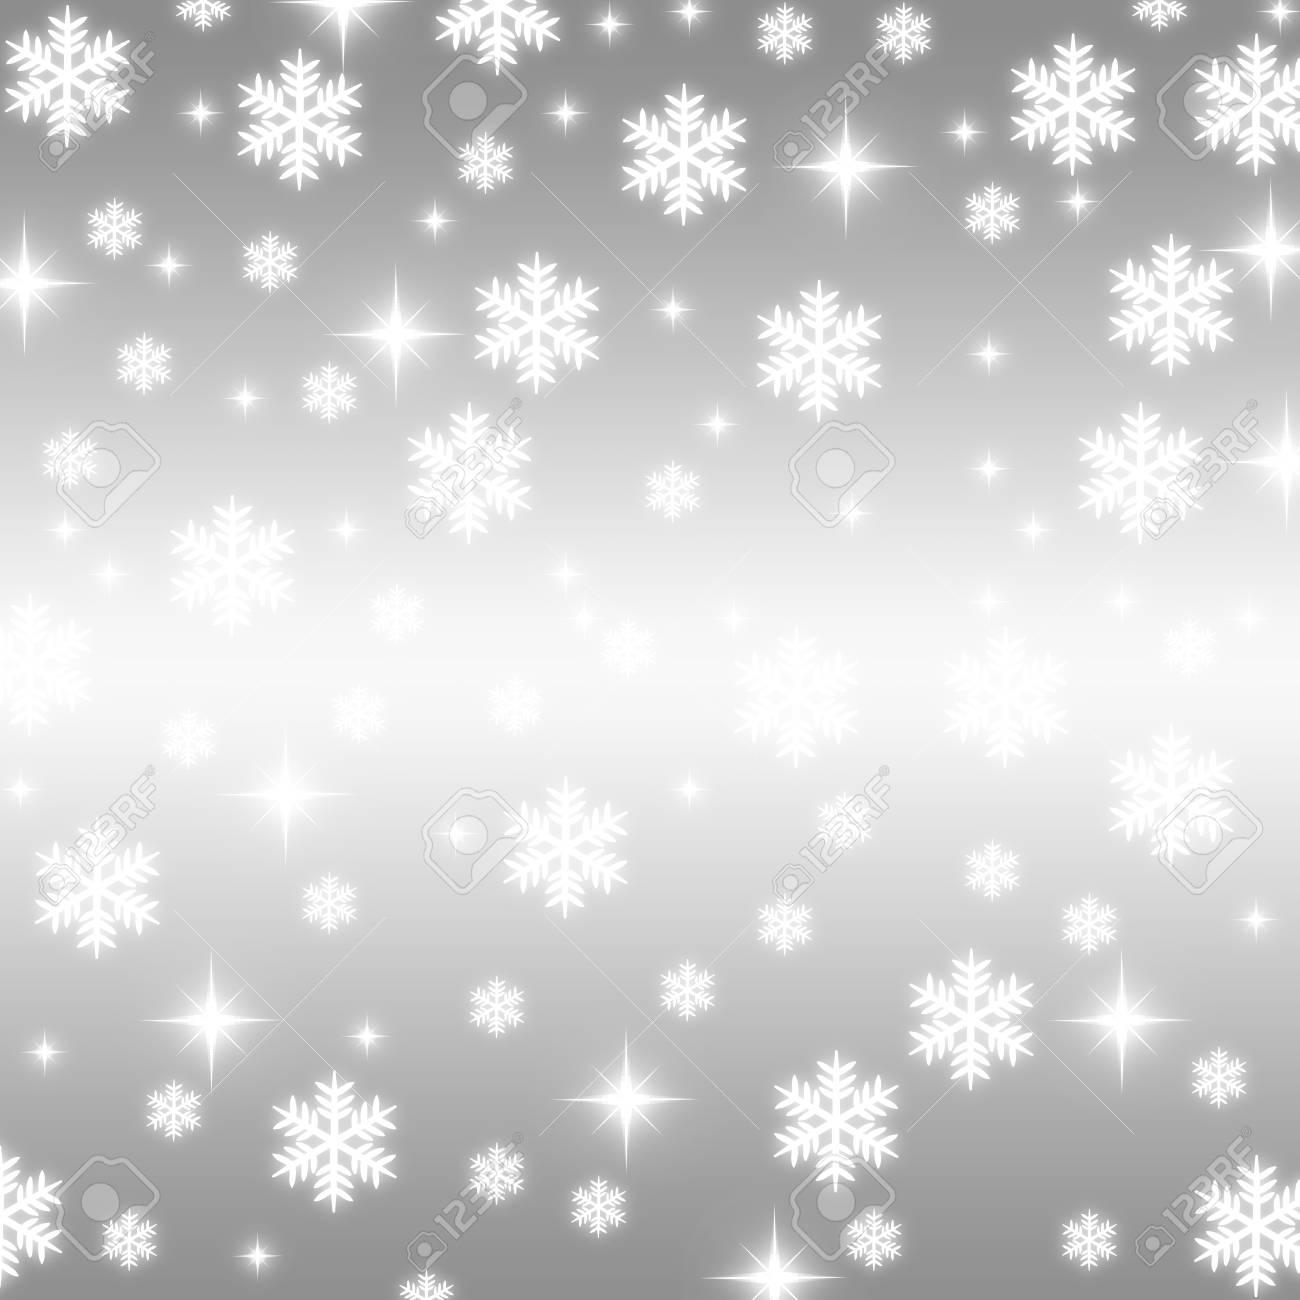 クリスマス雪の結晶と星イラスト背景 ロイヤリティーフリーフォト